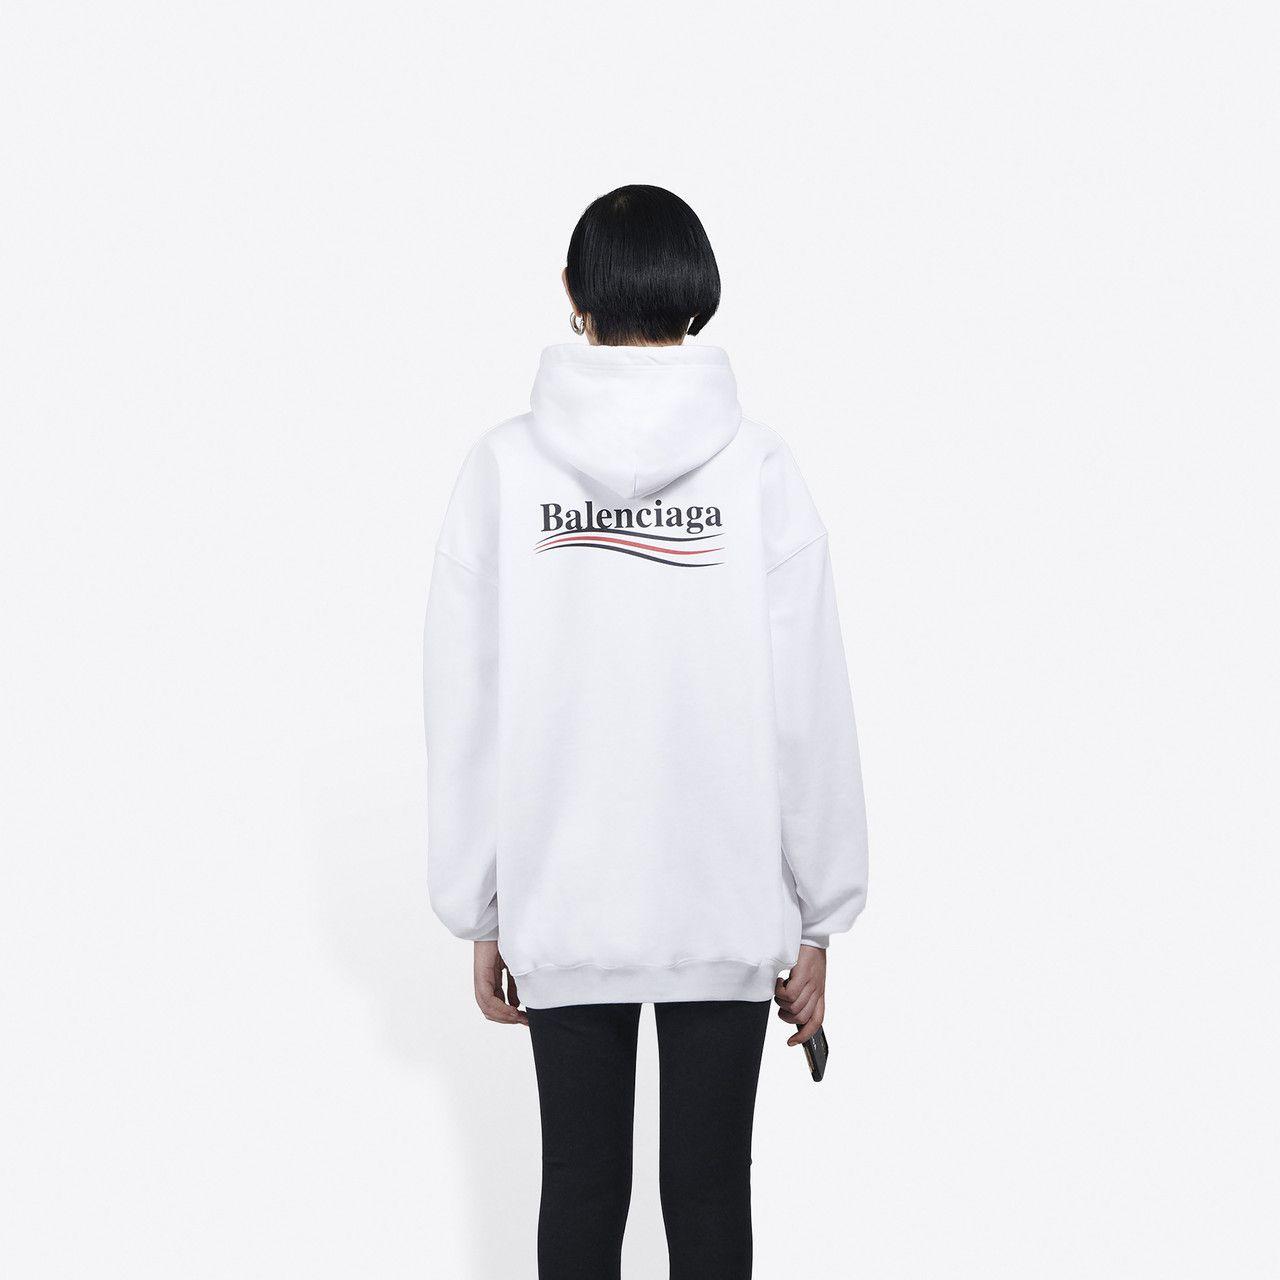 Women S Political Campaign Hoodie In White Balenciaga T Shirt Sweatshirt Shirt Hoodies [ 1280 x 1280 Pixel ]